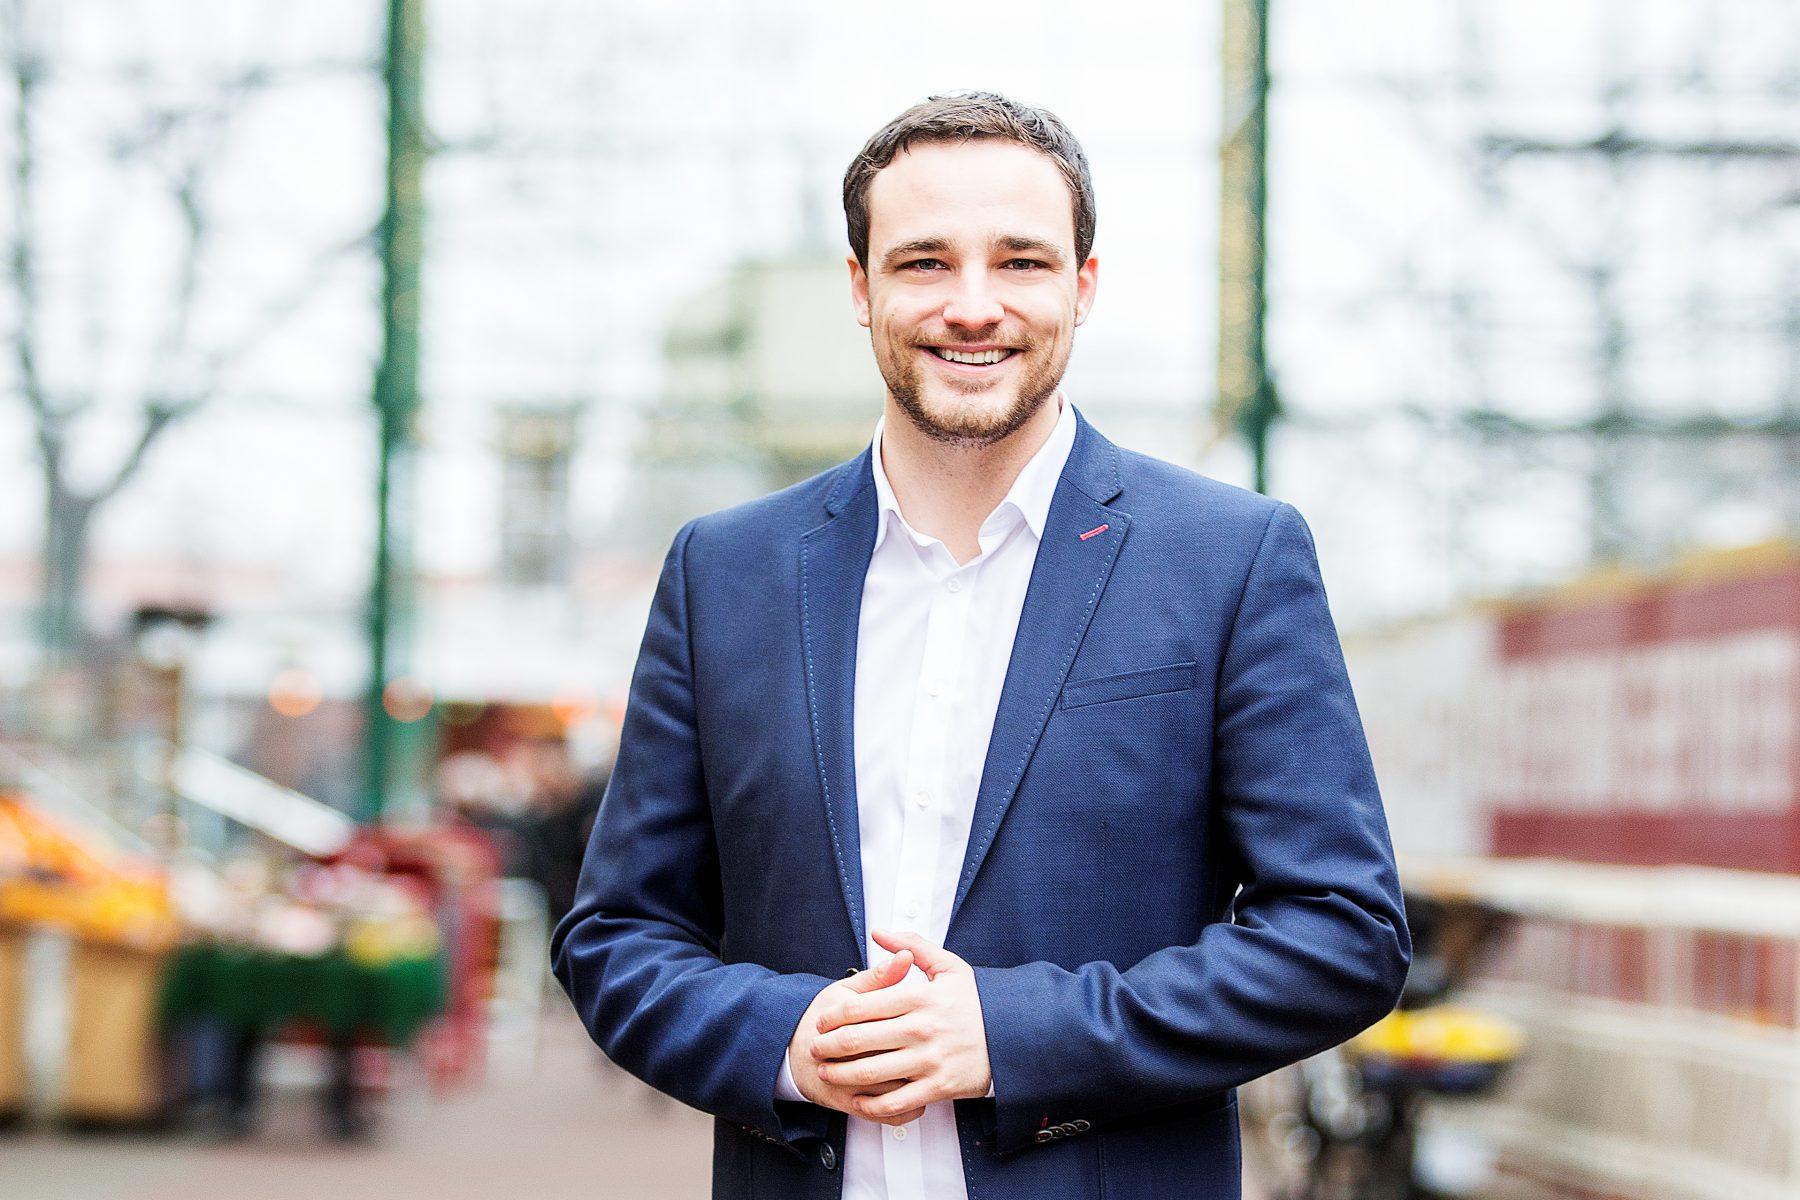 Philipp Heißner kandidiert für die CDU im Wahlkreis Stellingen - Eimsbüttel West. Foto: CDU Eimsbüttel